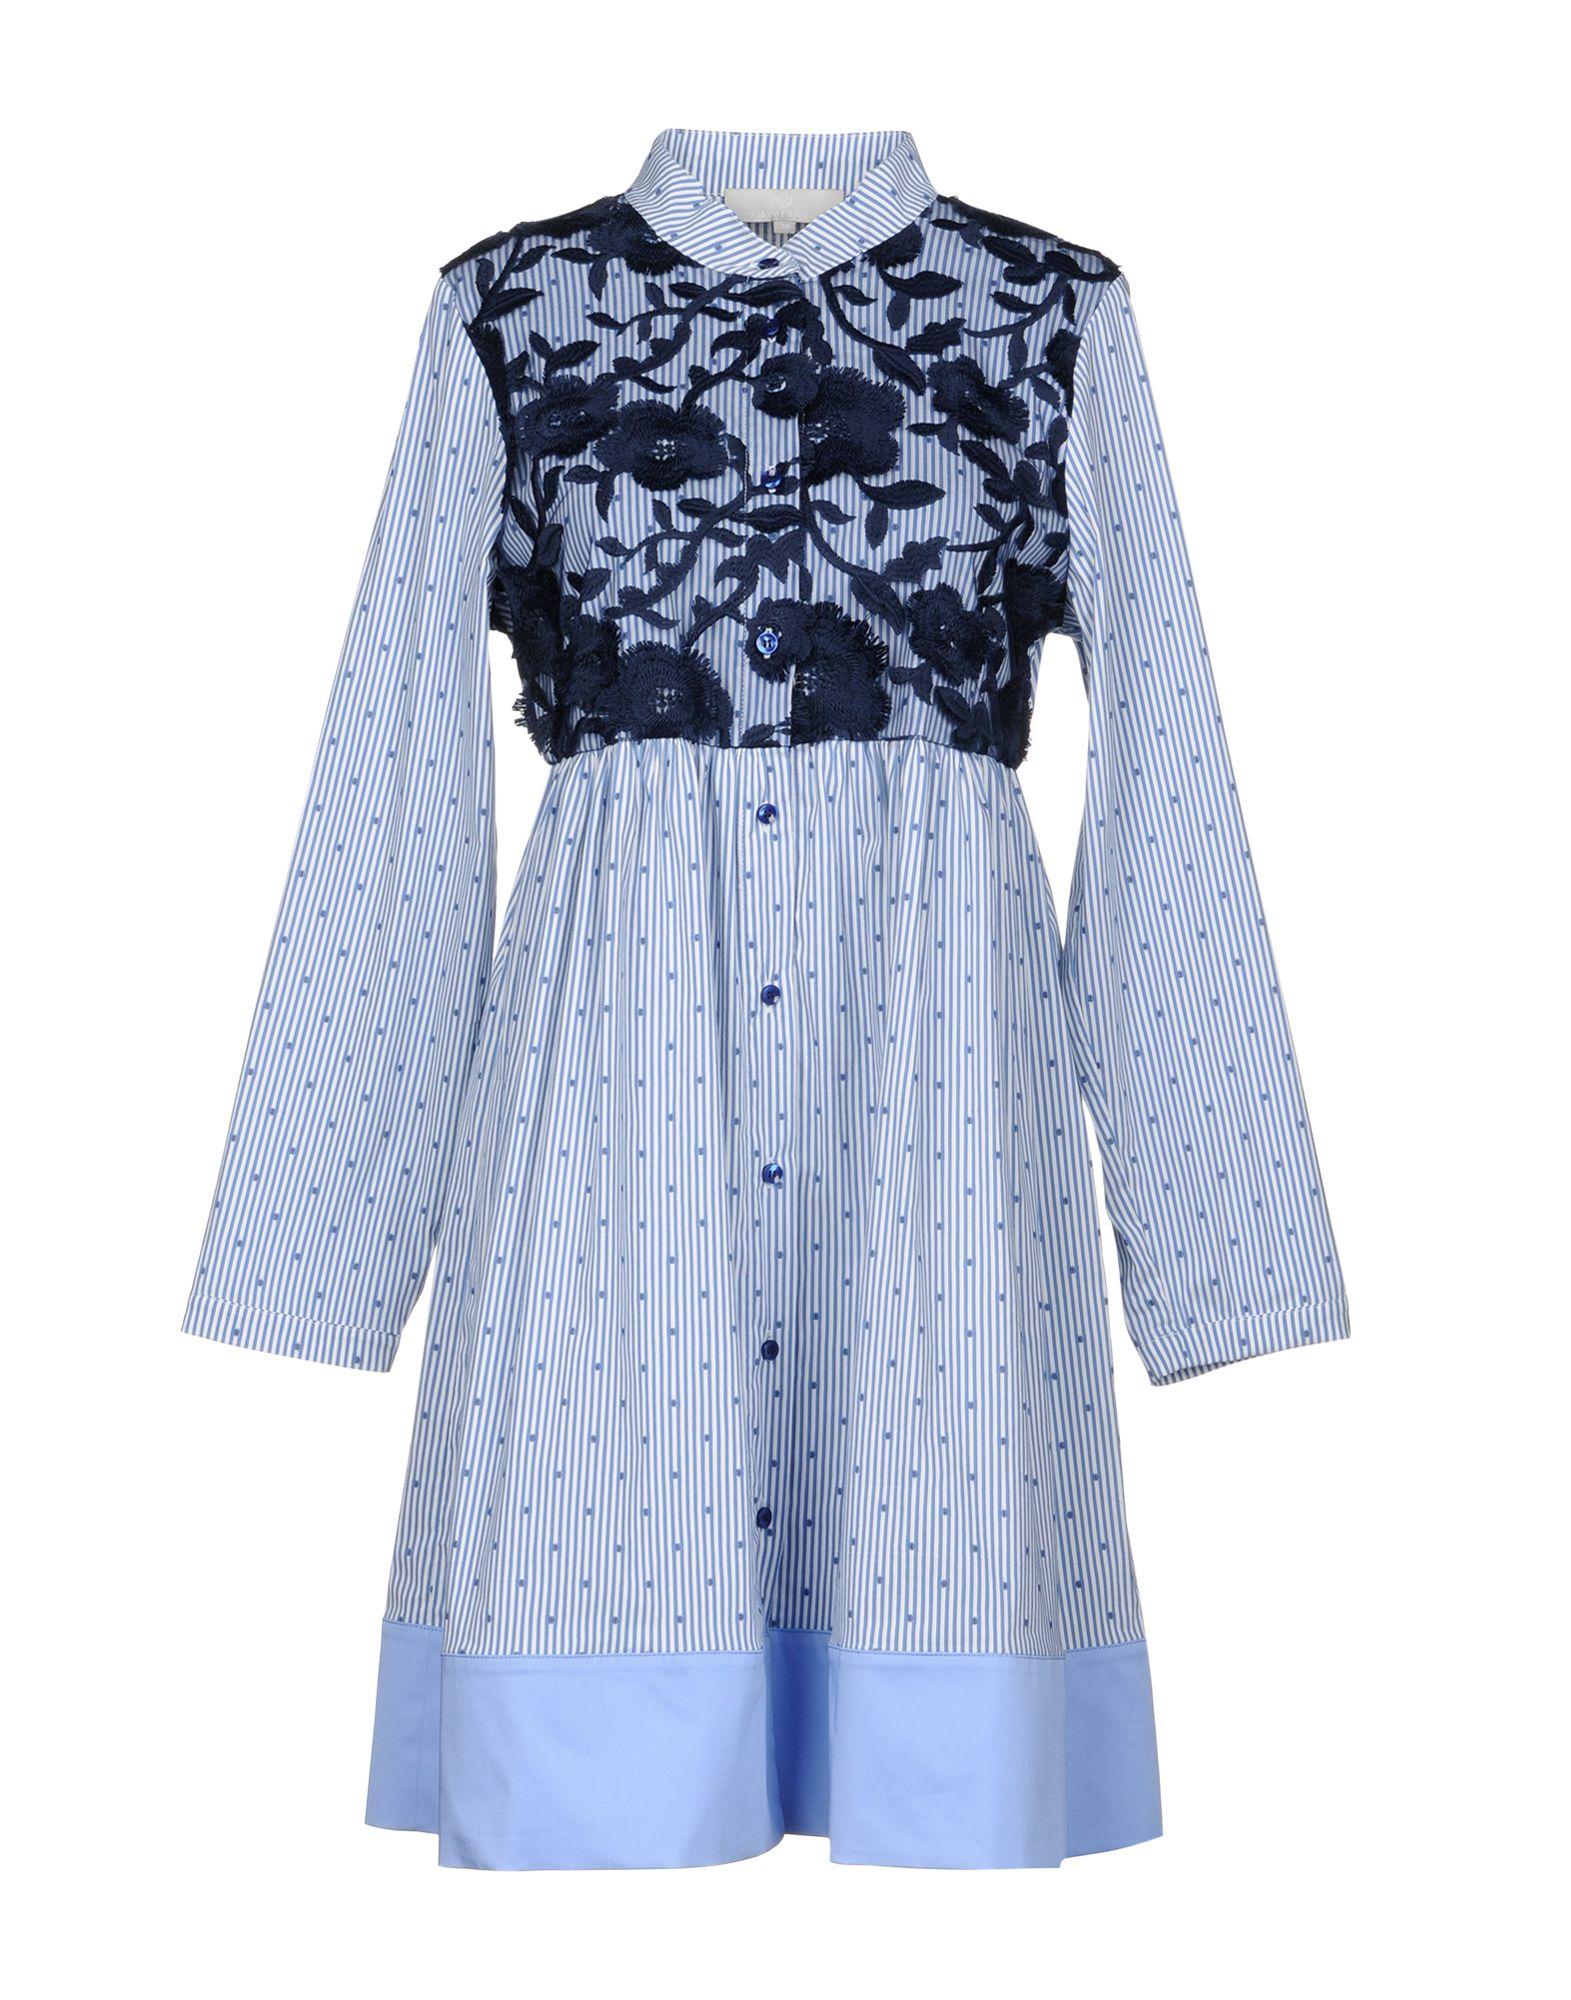 SILVERSANDS Короткое платье платье